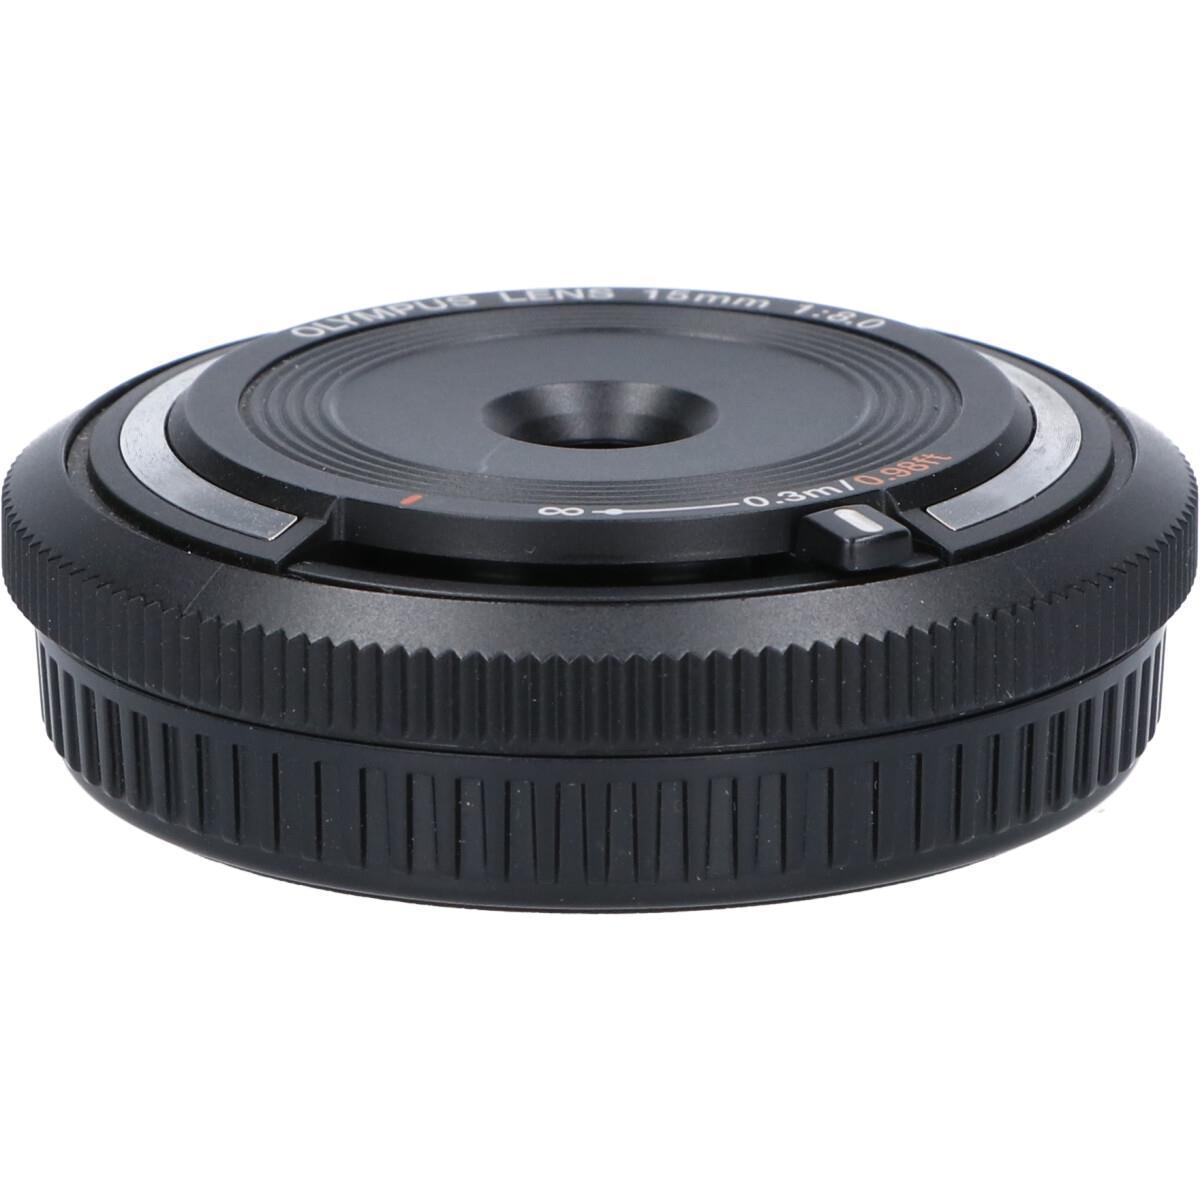 OLYMPUS BCL-1580 15mm F8